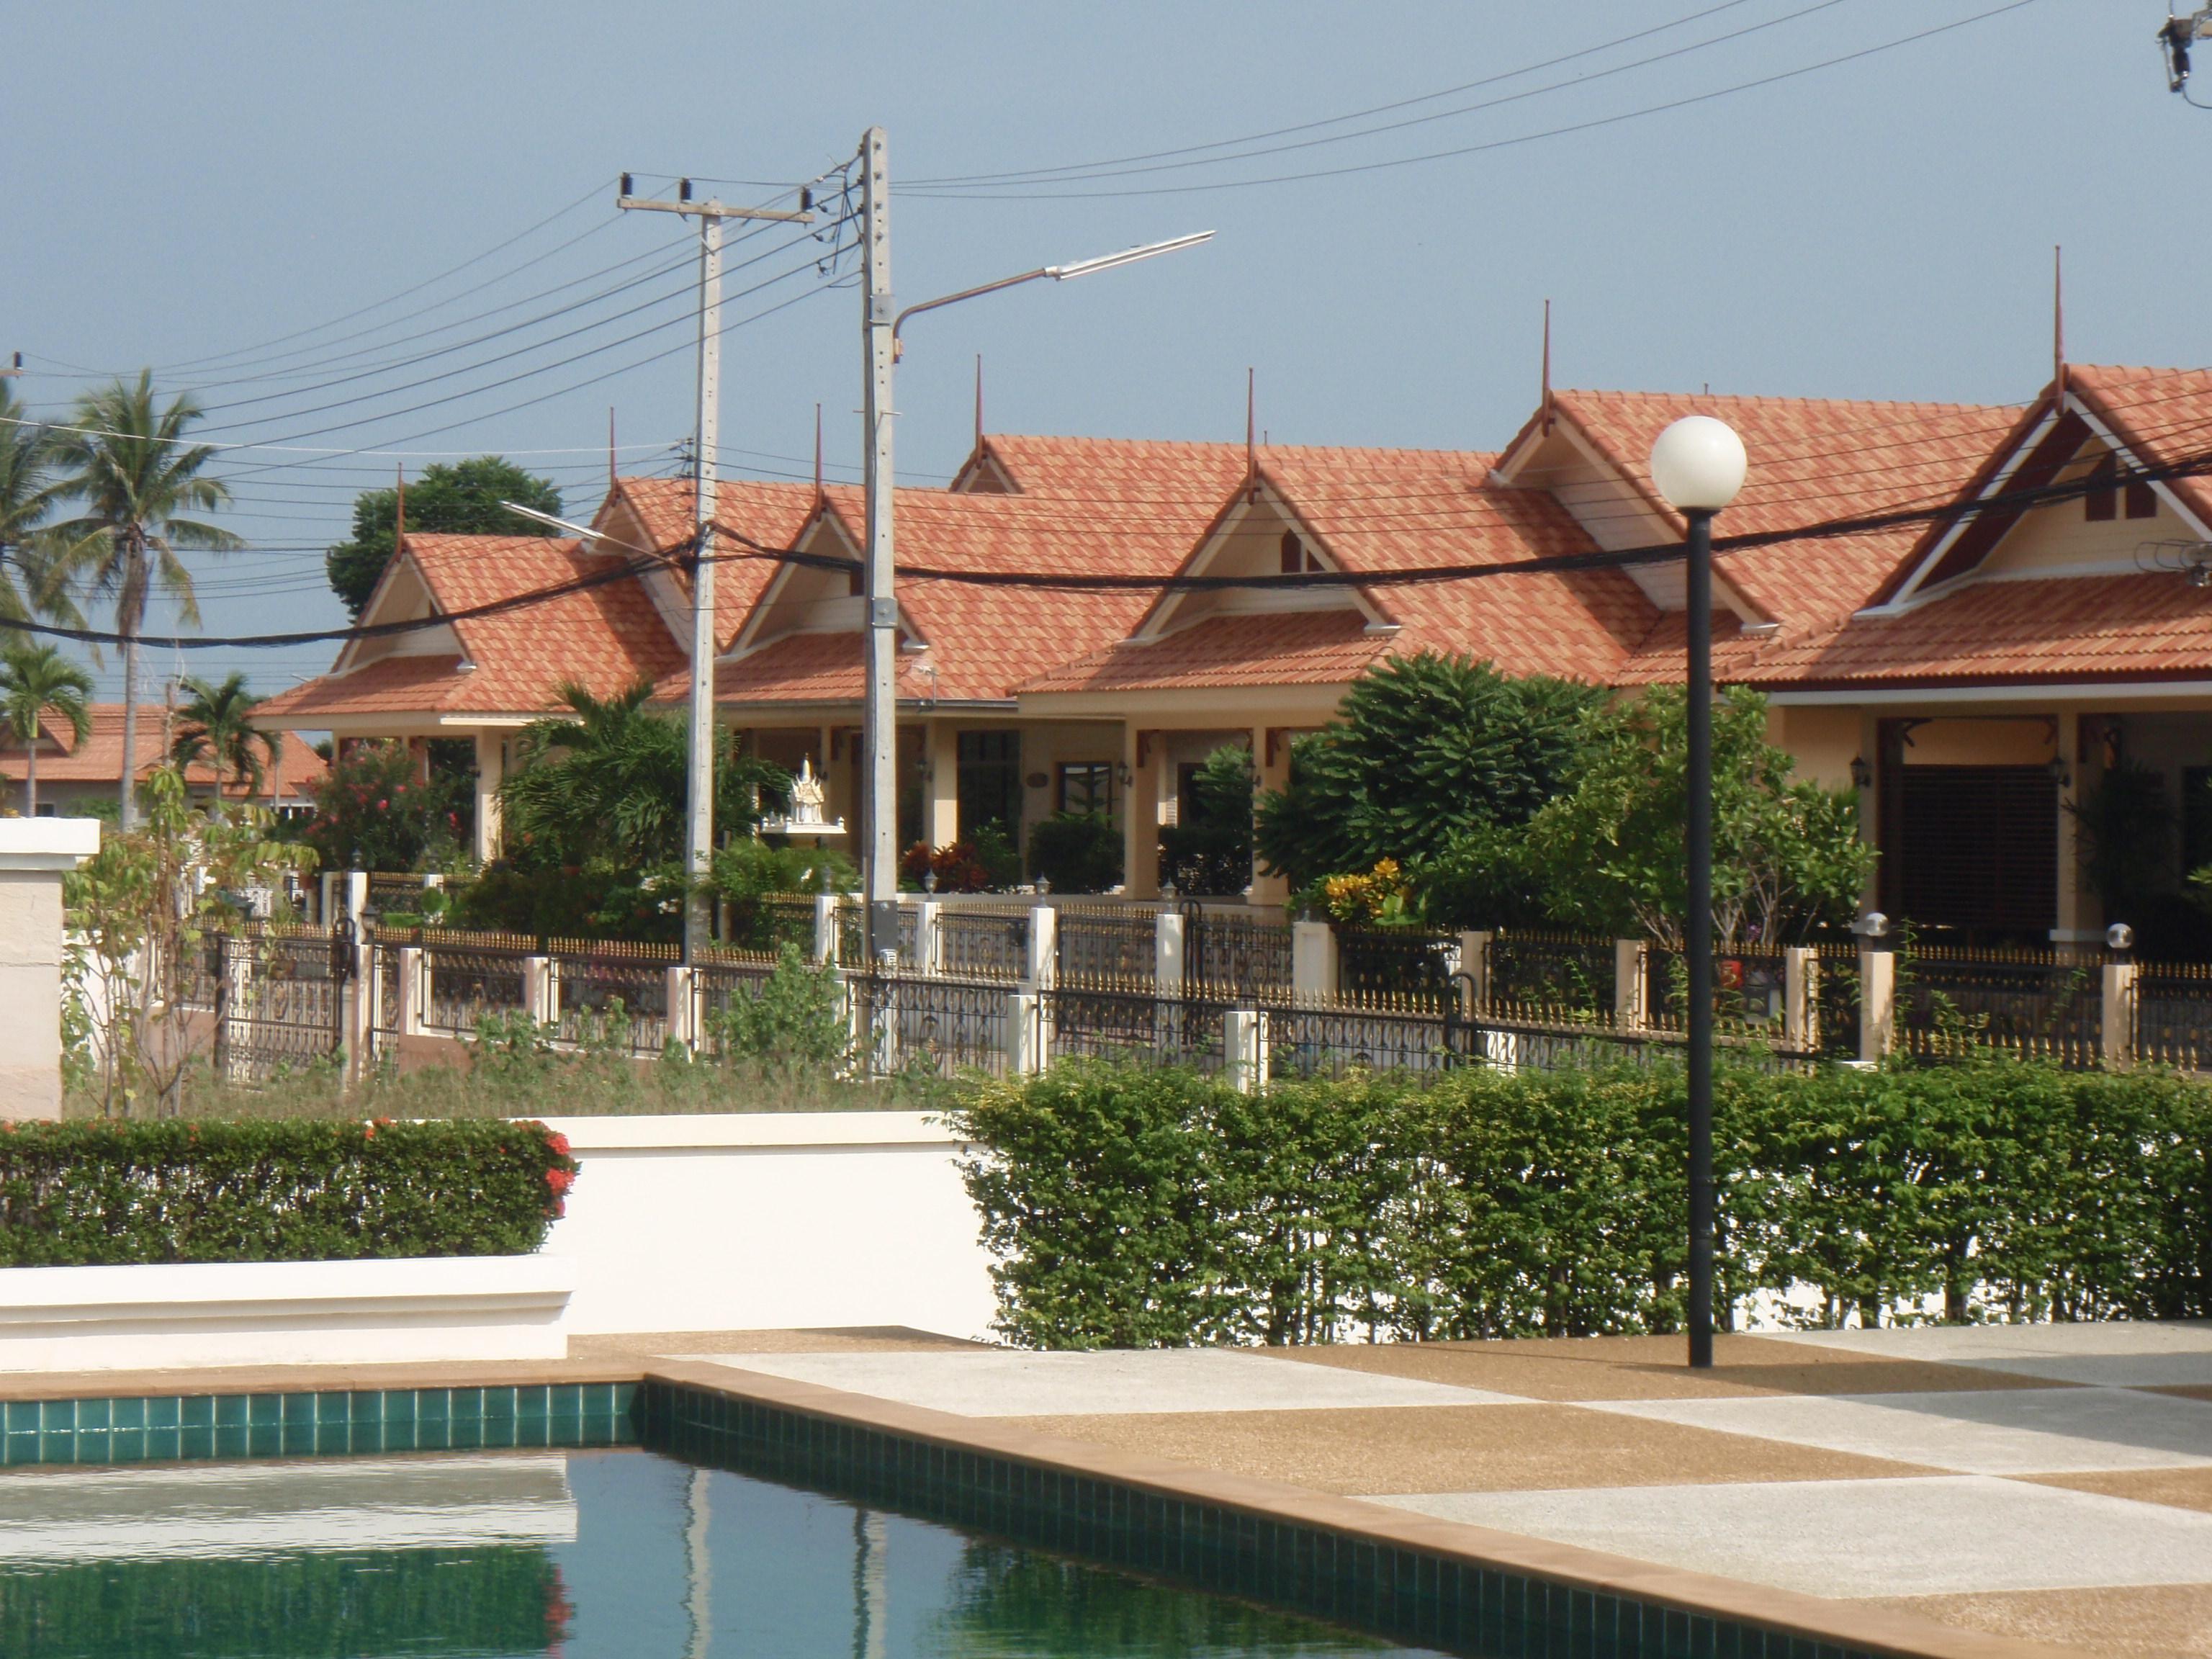 Vakantiehuis huren tropicana vakantiehuis 2 slaapkamers - Centraal koken eiland ...